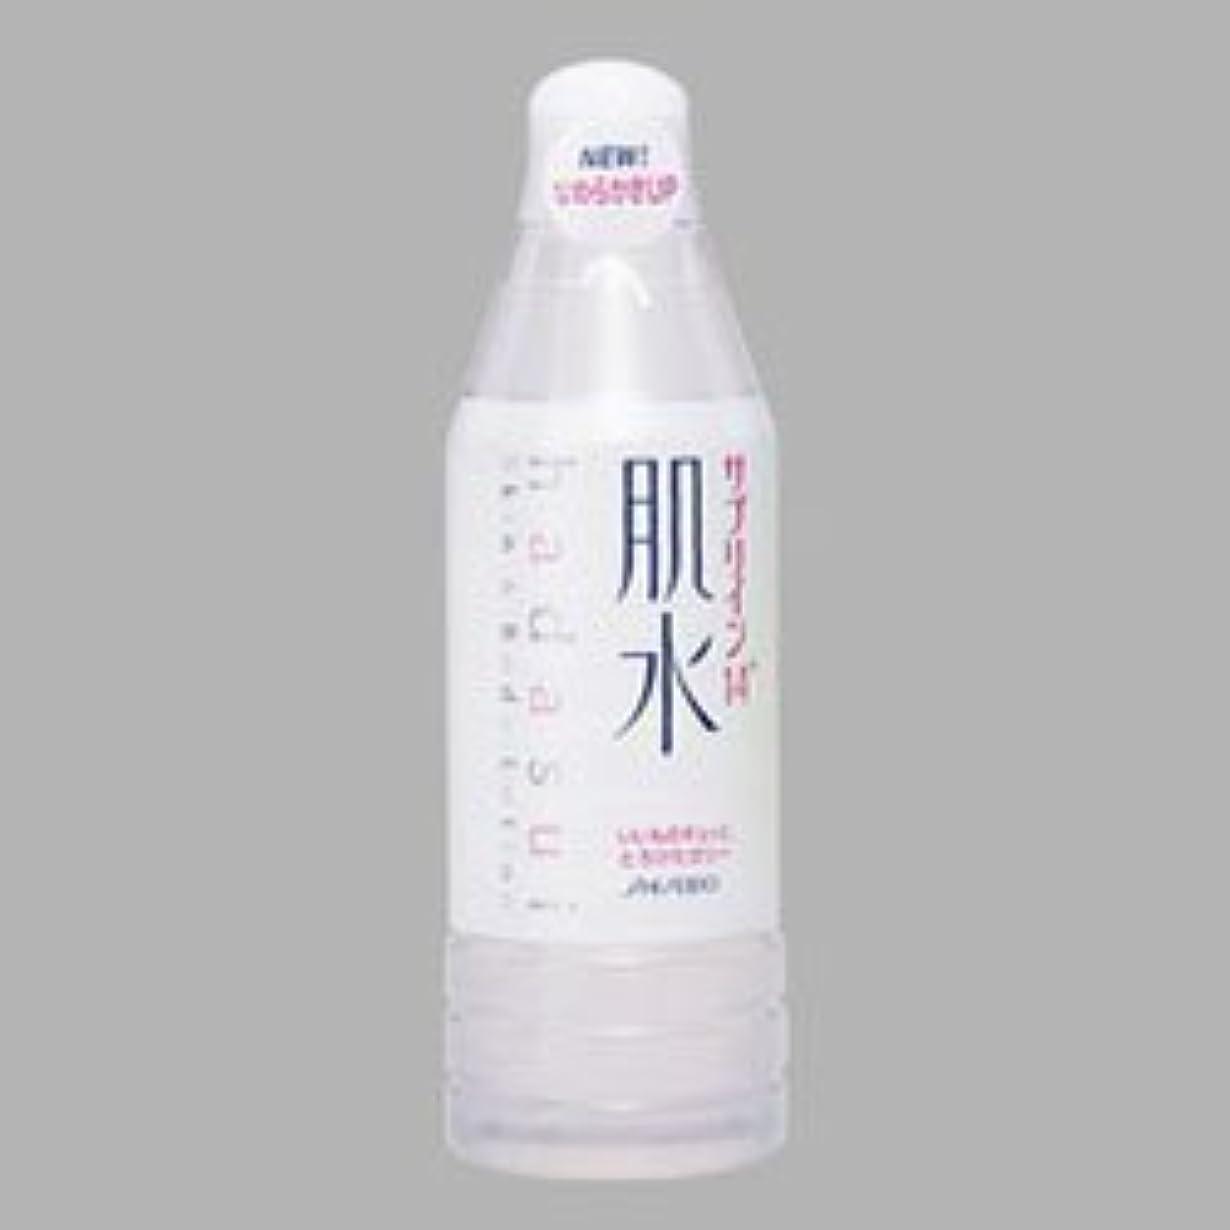 教科書盆地虚弱【エフティ資生堂】肌水サプリイン14+ (ボトル) 400ml☆☆ ×5個セット